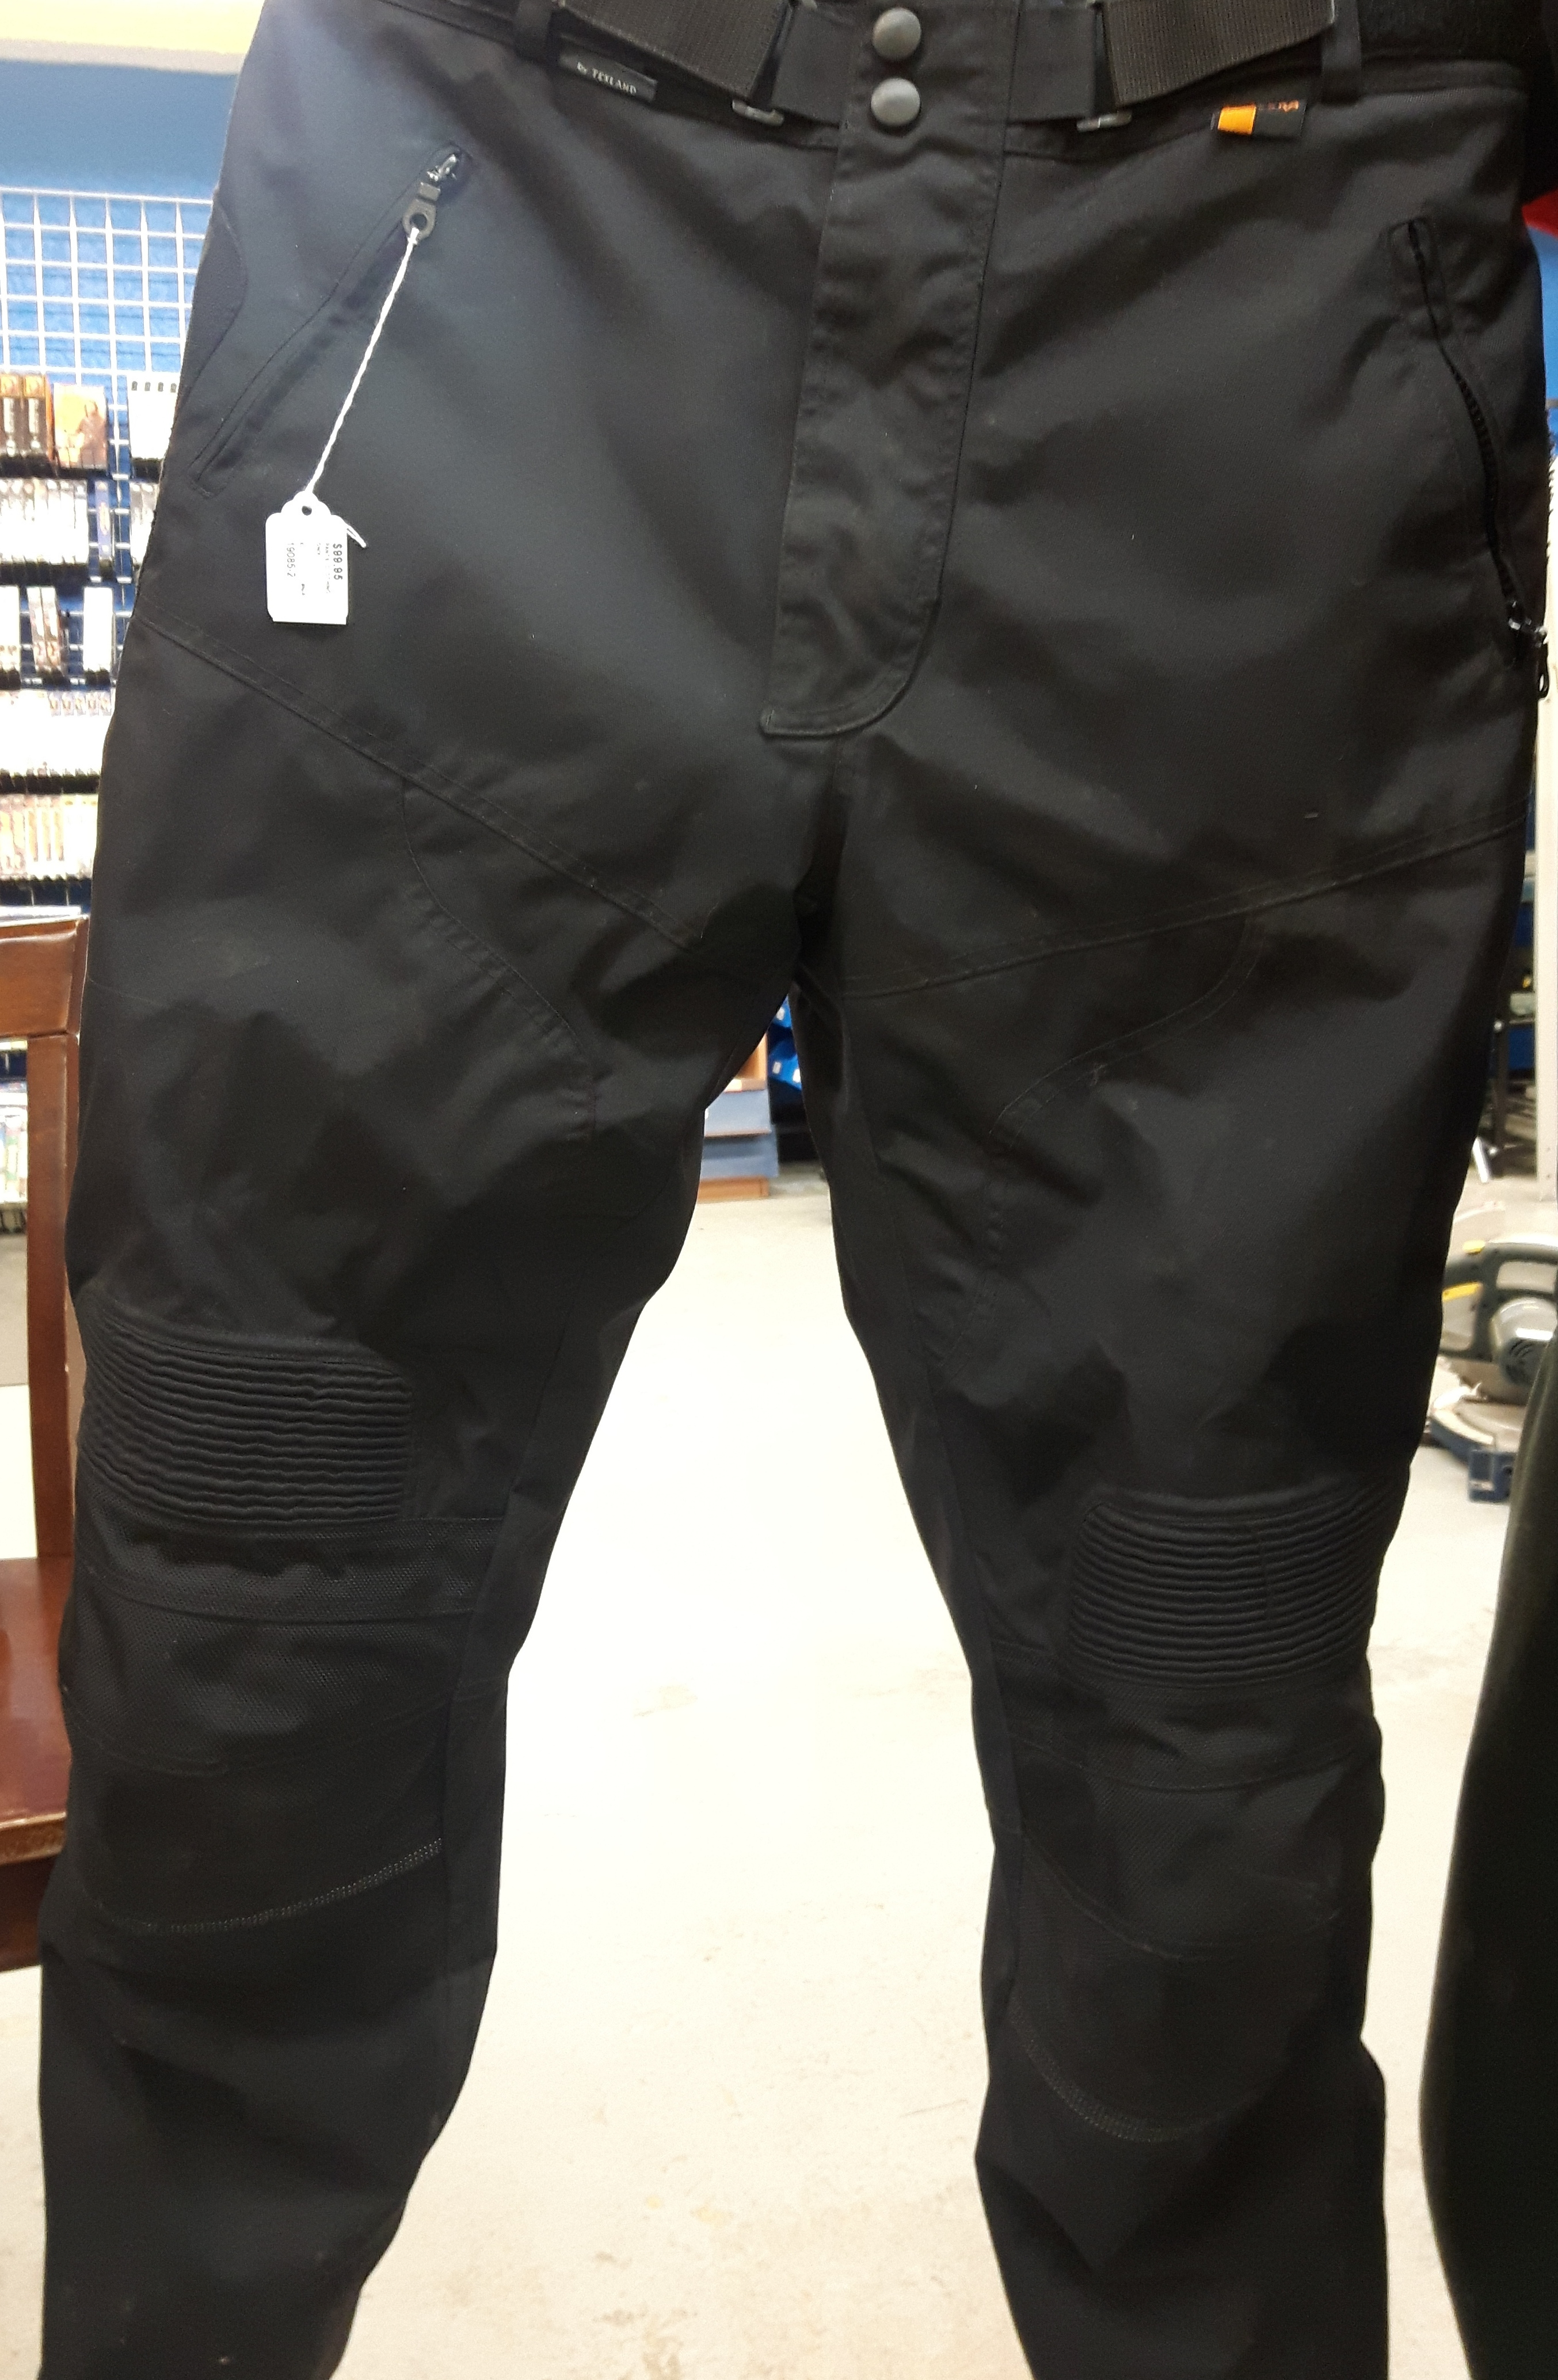 ONIX - XL - PANTS CLOTHING RIDING